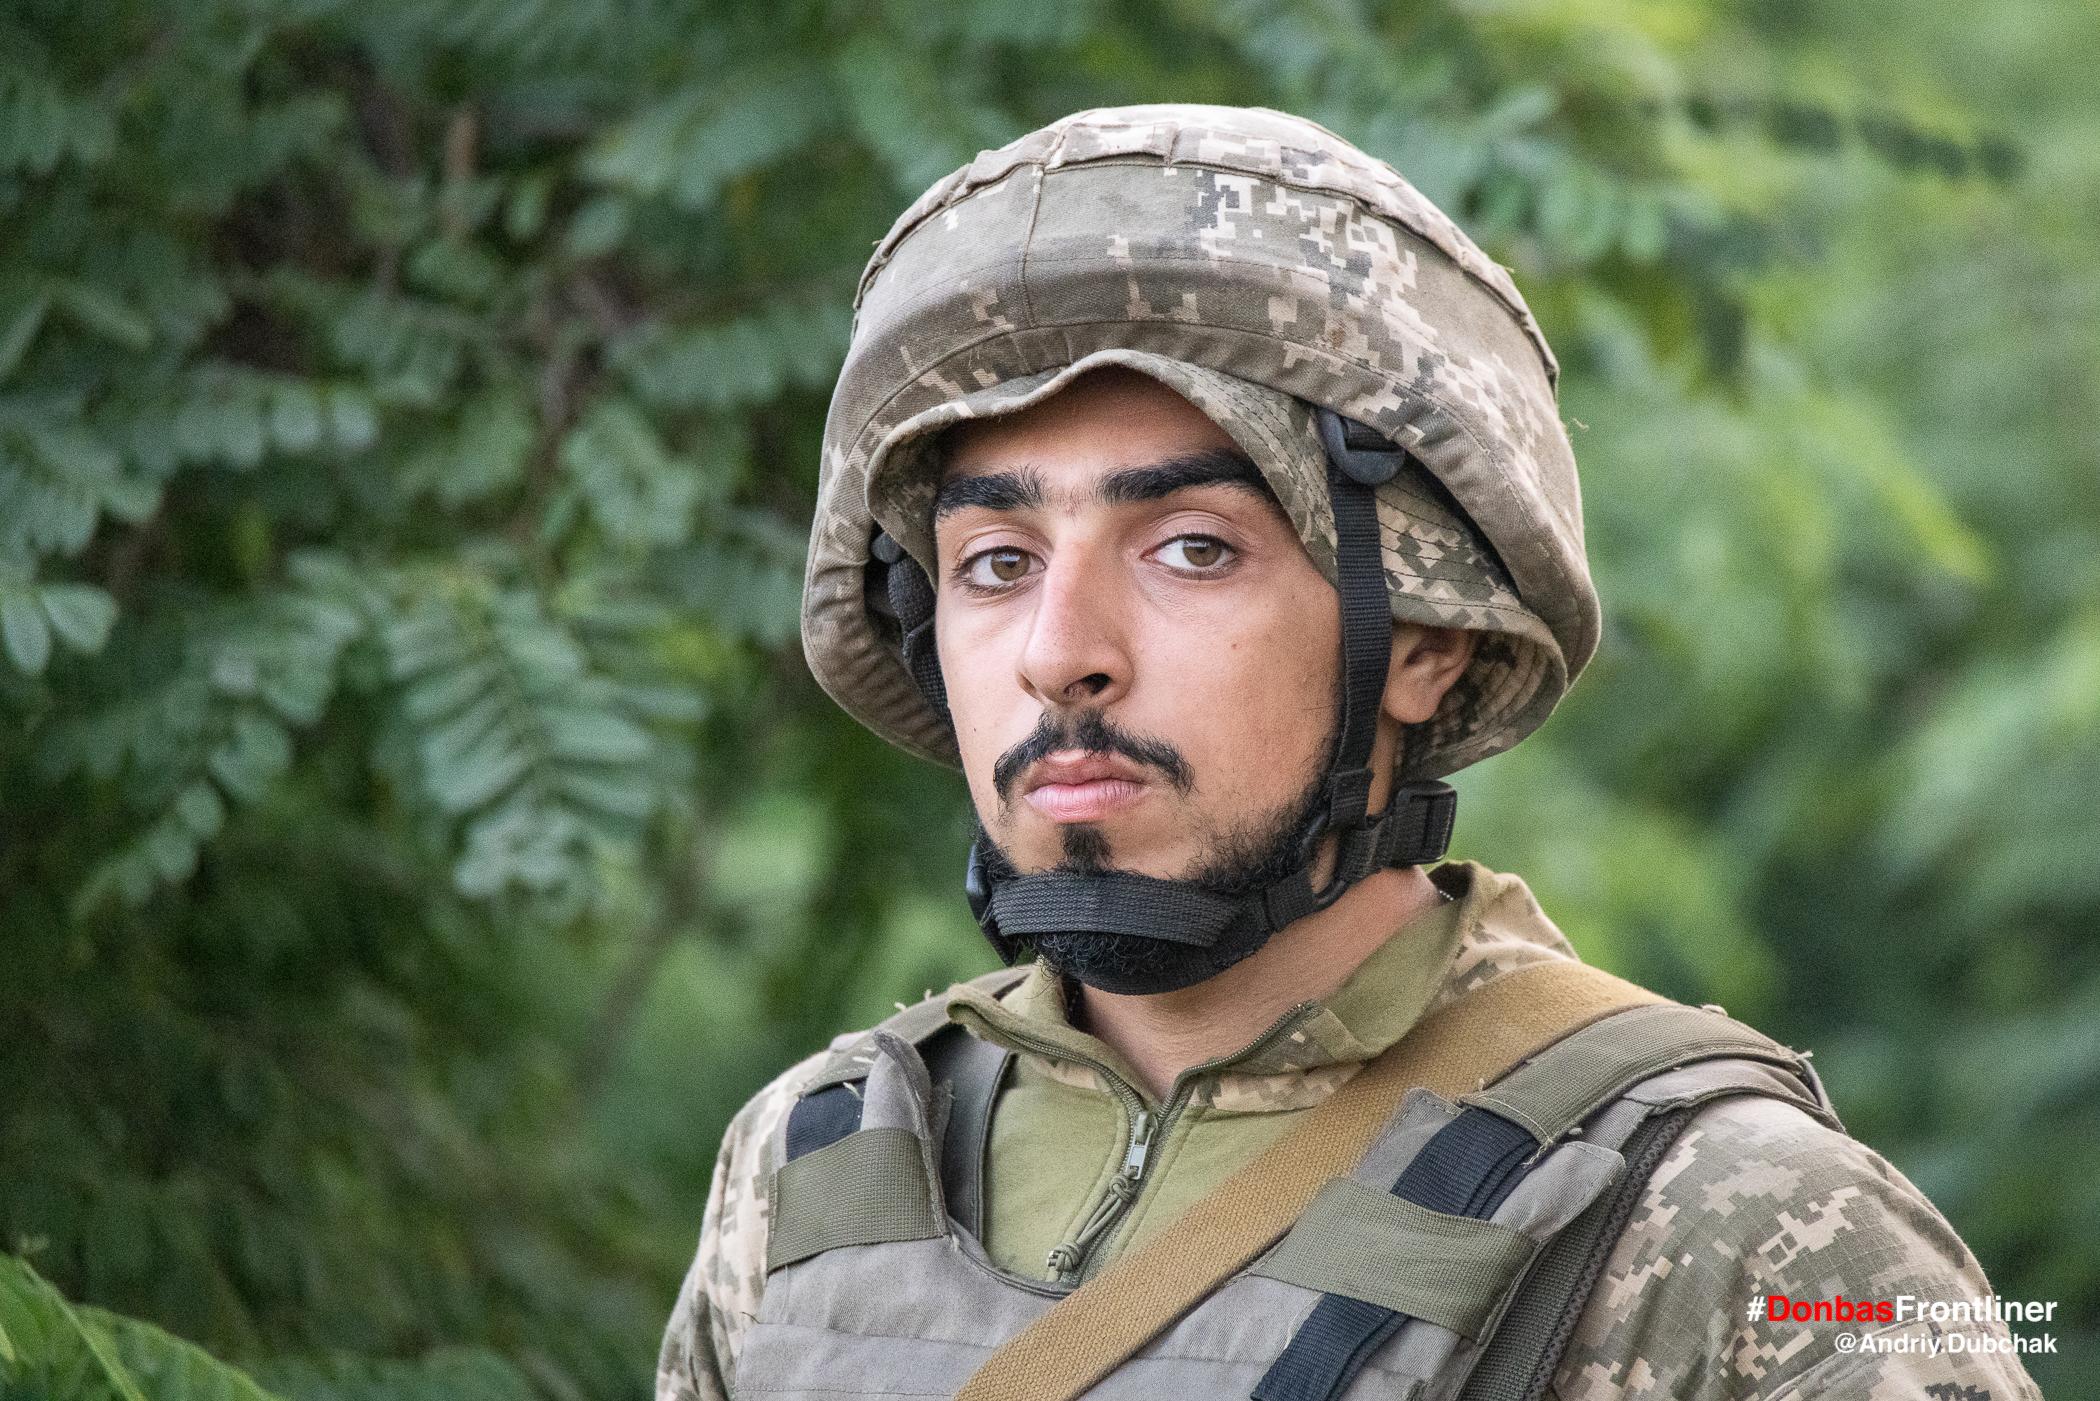 Обличчя матроса морської піхоти. Бойове тренування 503-го батальйону морської піхоти на Приазов'ї, липень 2021 року